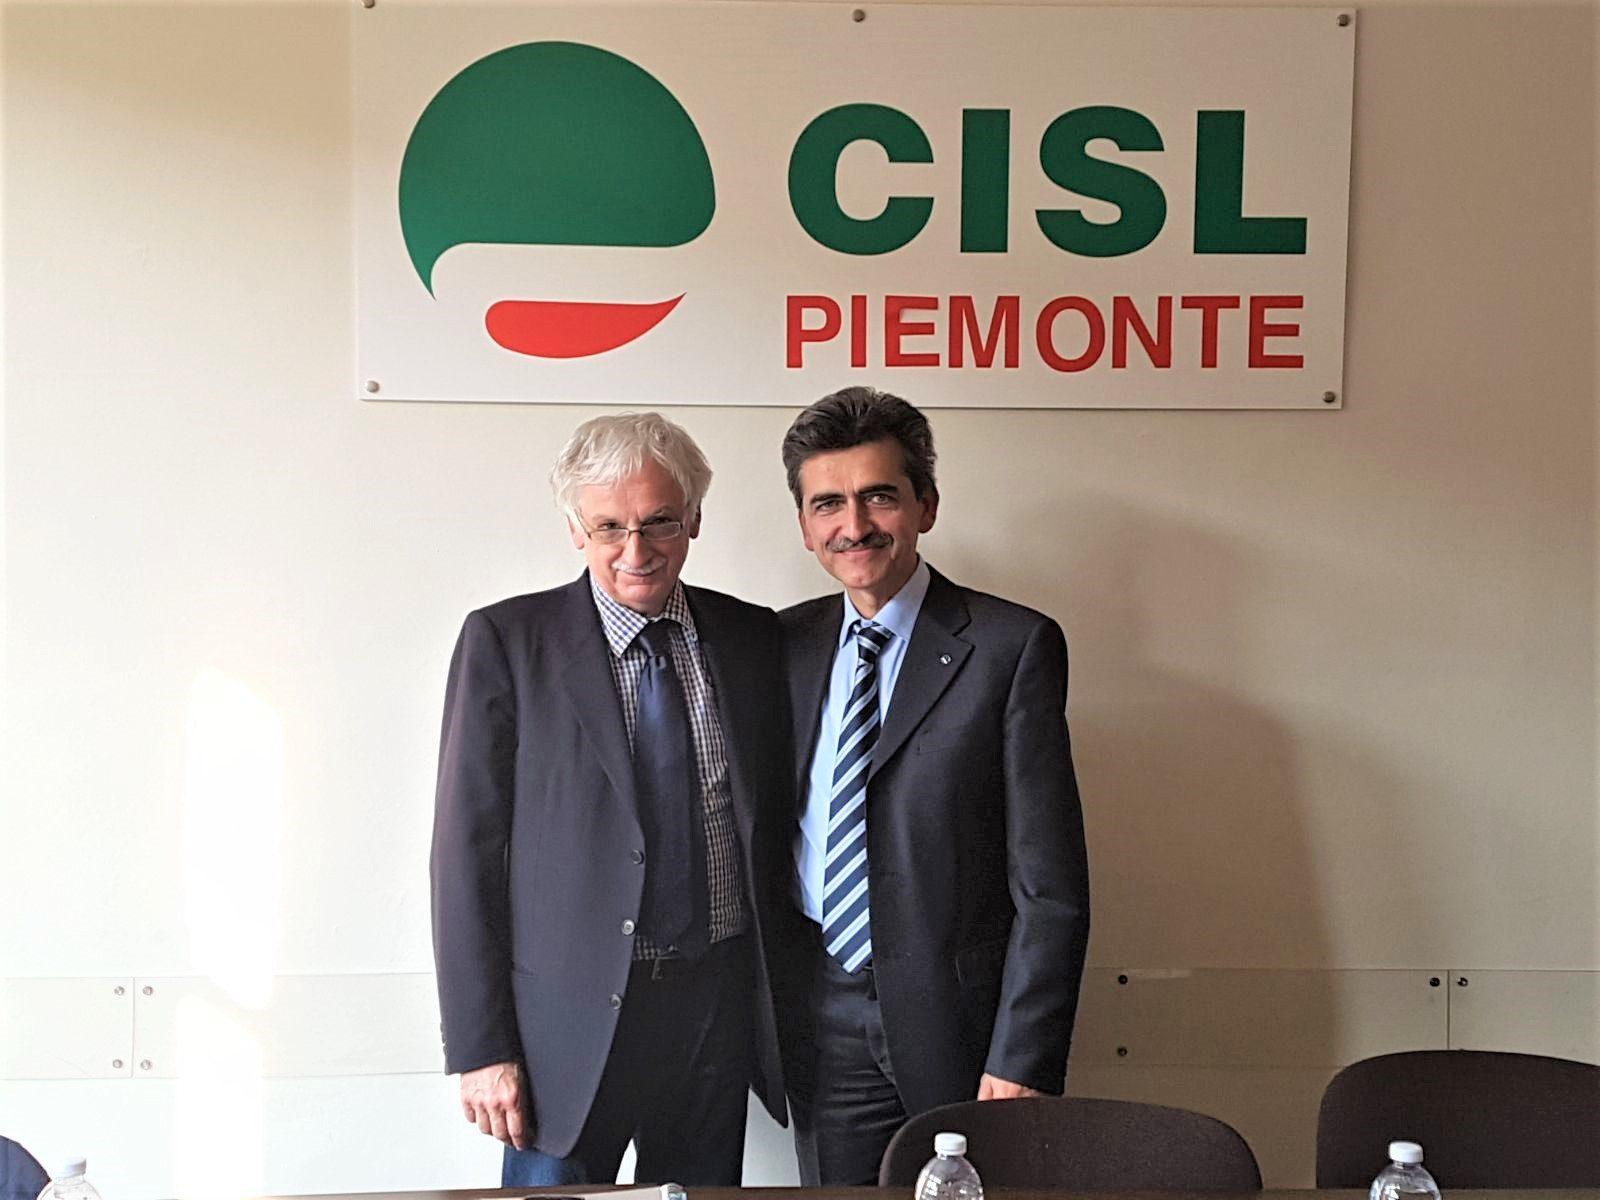 Caf Cisl: da sinistra Antonio Marchina e Sergio Didier primo piano dei due